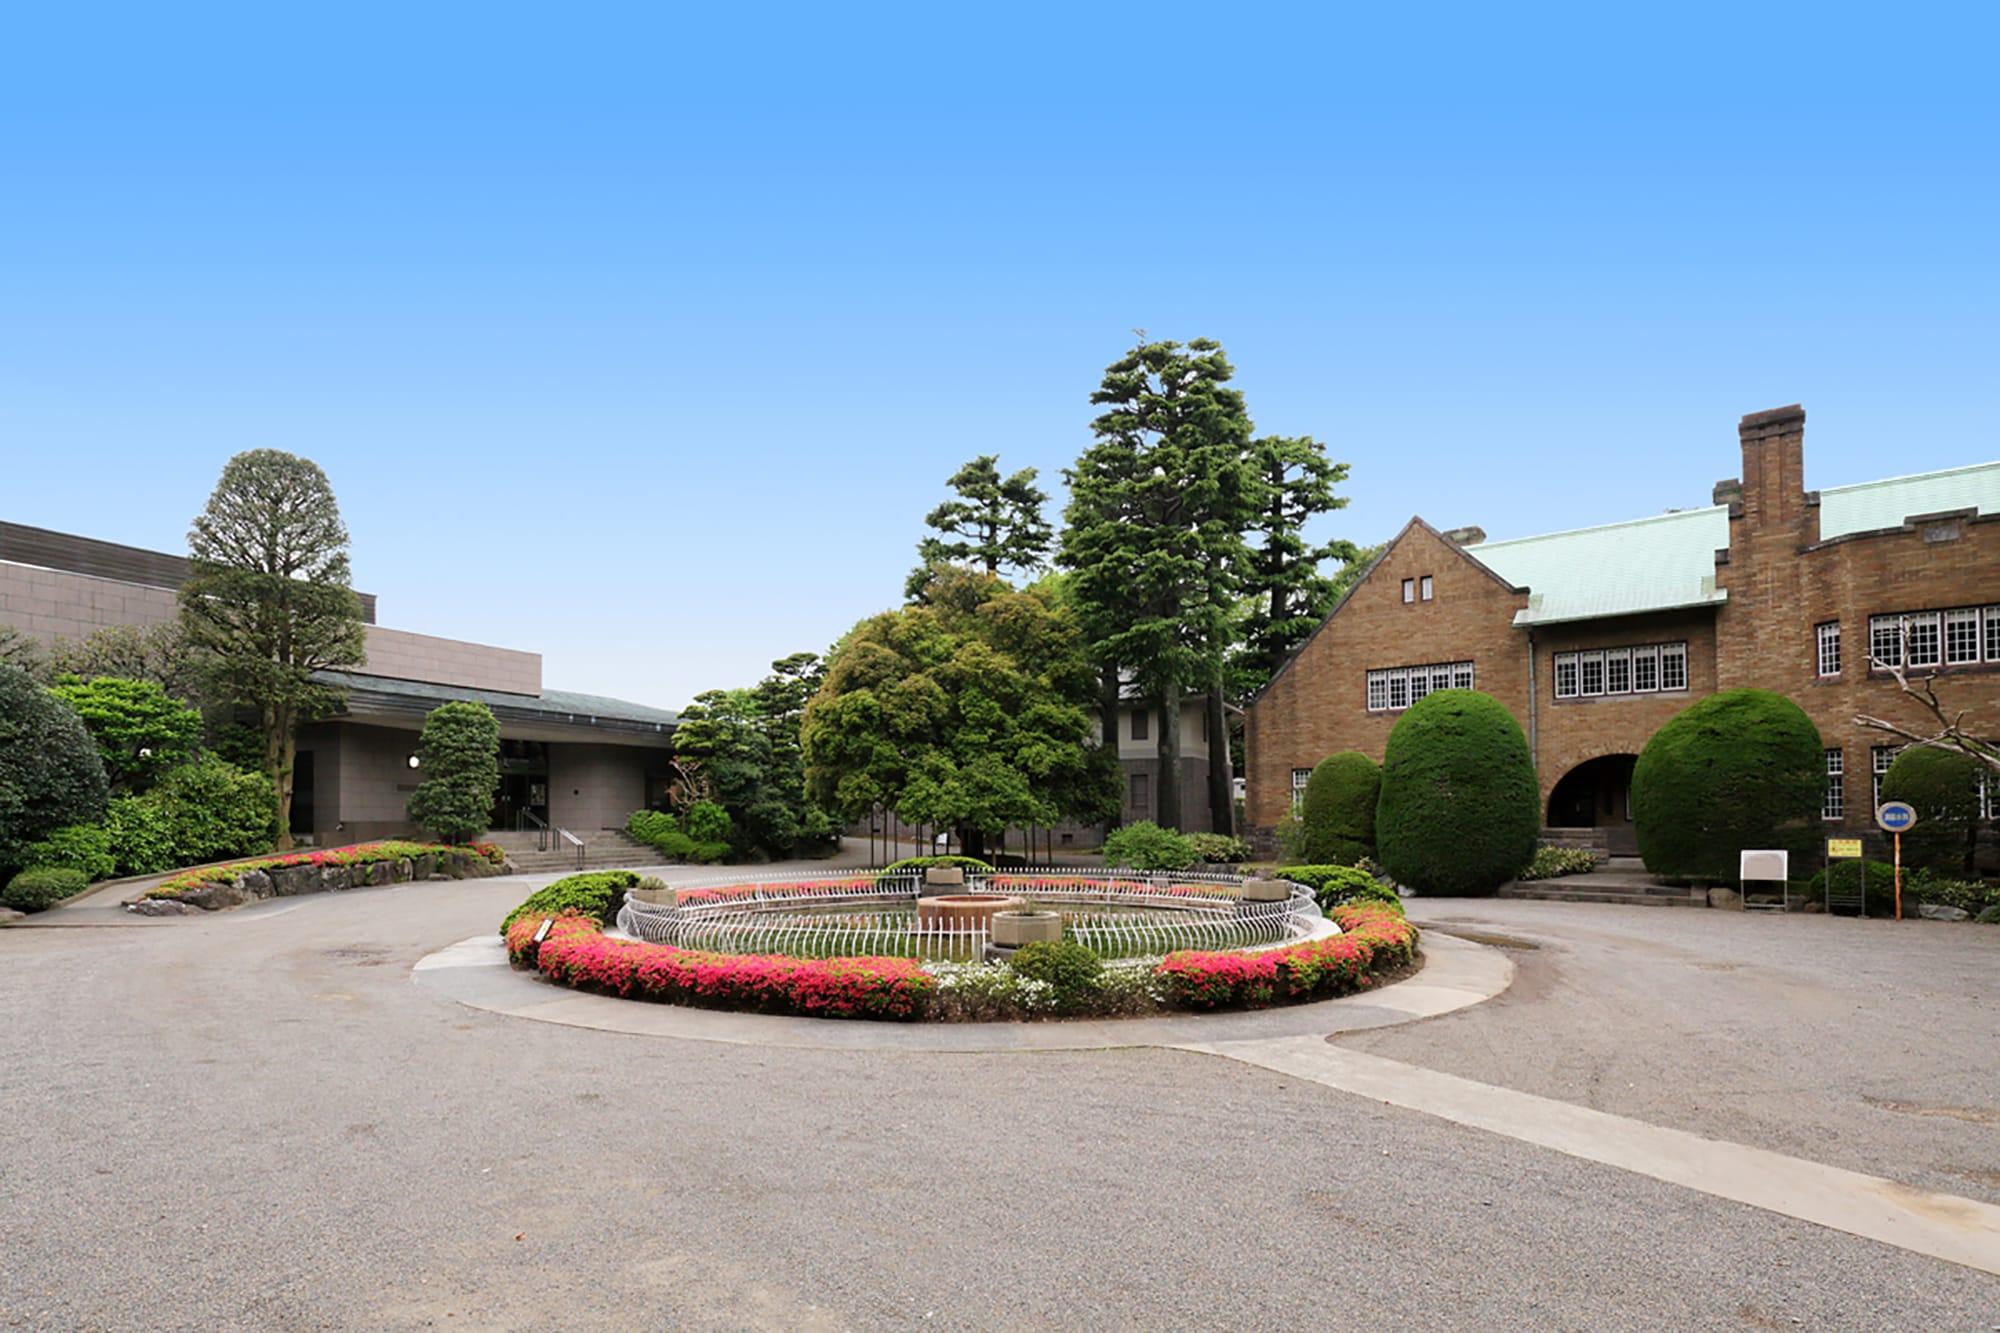 世田谷区岡本にある静嘉堂文庫美術館では、三菱第2代社長の岩崎彌之助とその息子、小彌太の父子二代が集めた古典籍や東洋古美術品が収蔵されている。